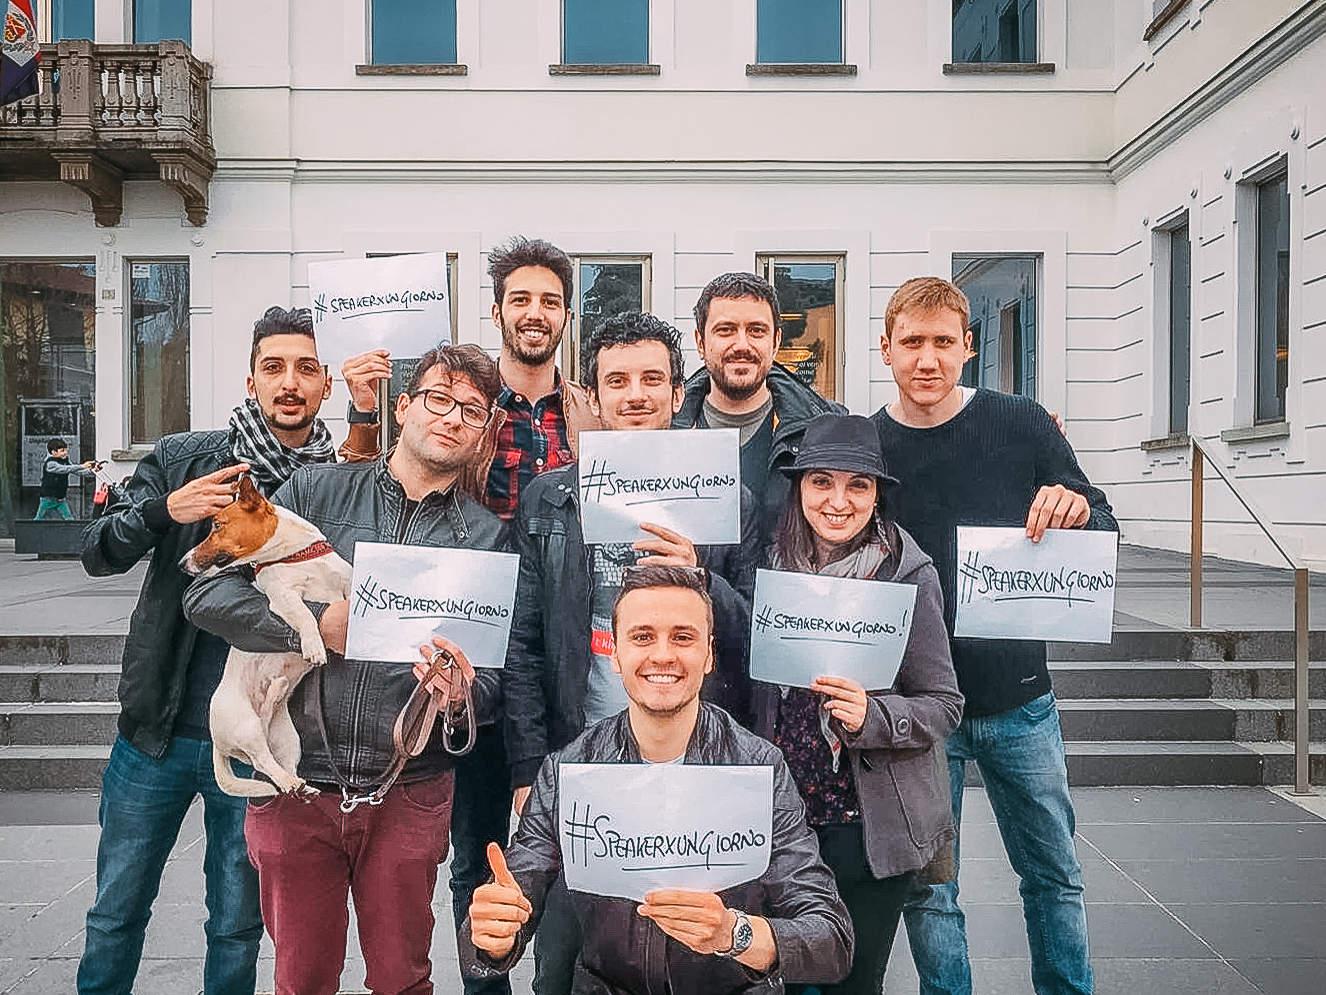 #SpeakerXungiorno